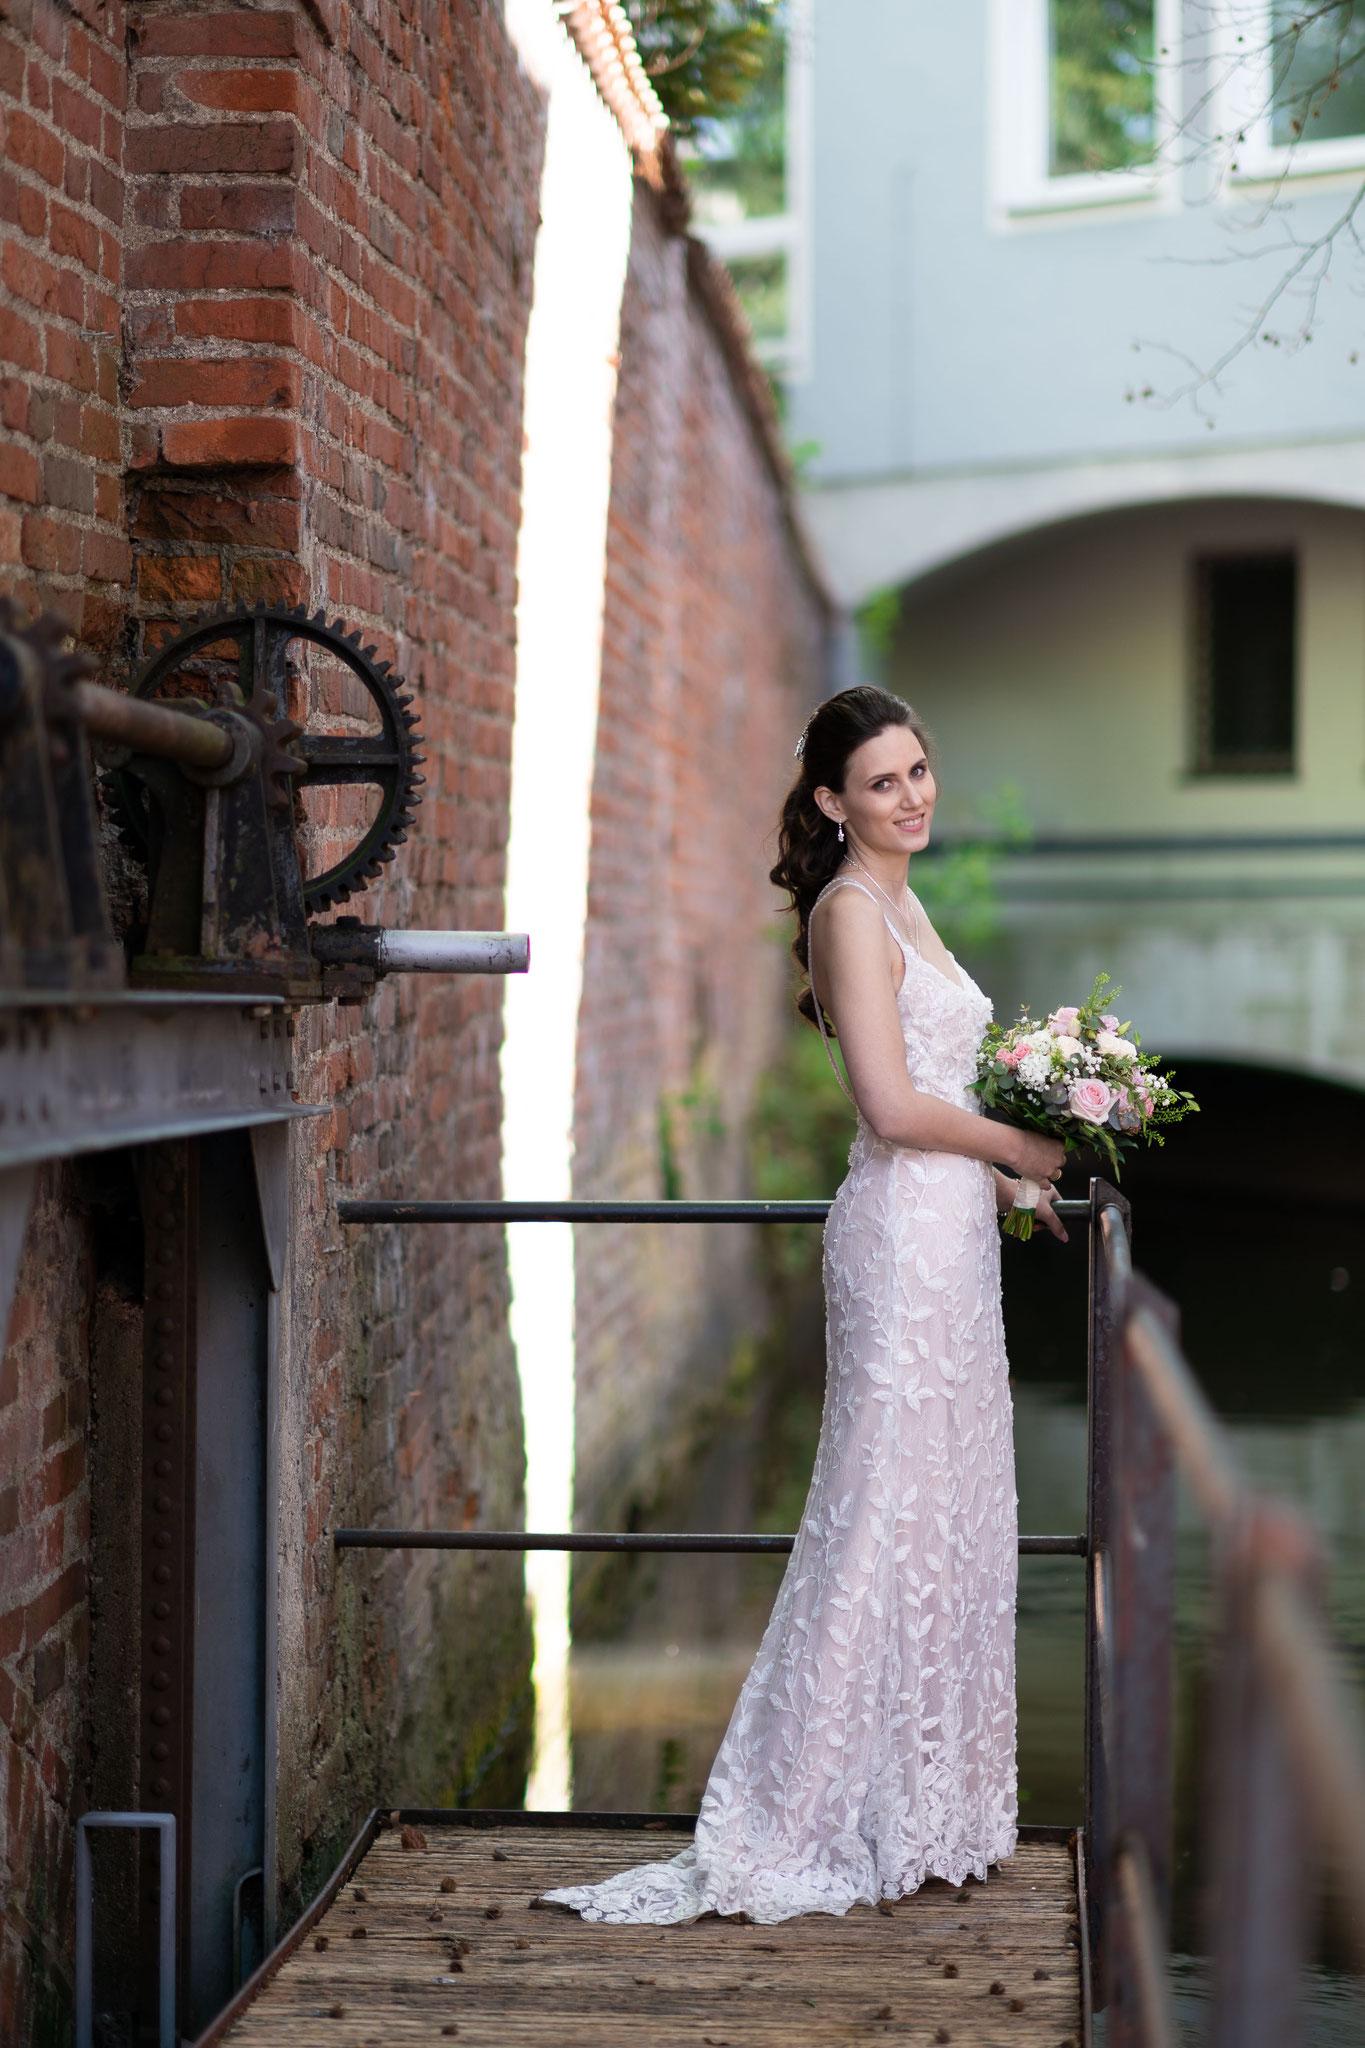 Ihr Hochzeitsfotograf für russische chinesische und internationale Hochzeiten in Memmingen, Bayern, Deutschlandweit und Europaweit